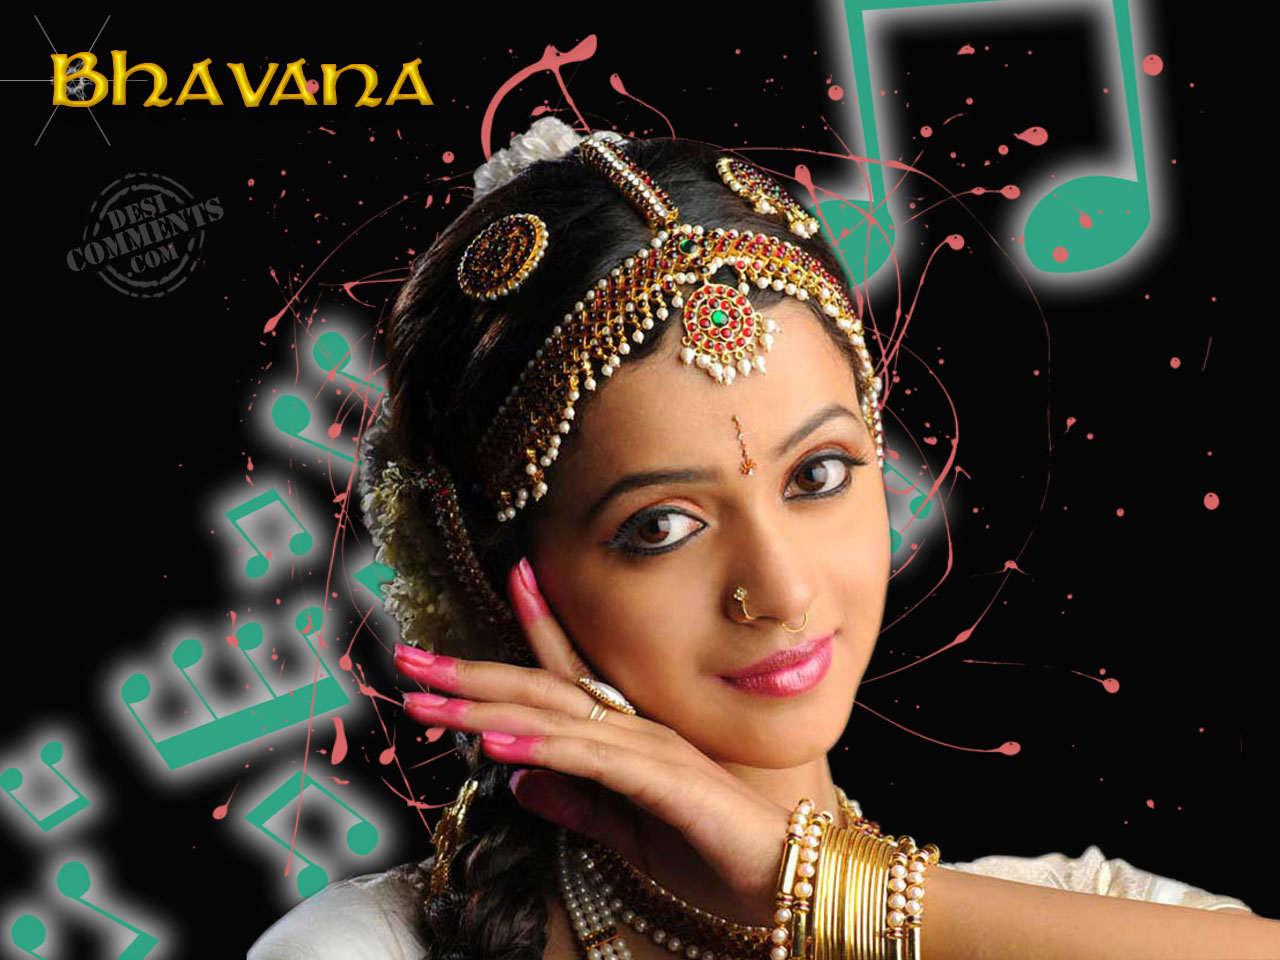 Celebrity Ileana D'cruz - Actress Bhavana In Saree , HD Wallpaper & Backgrounds